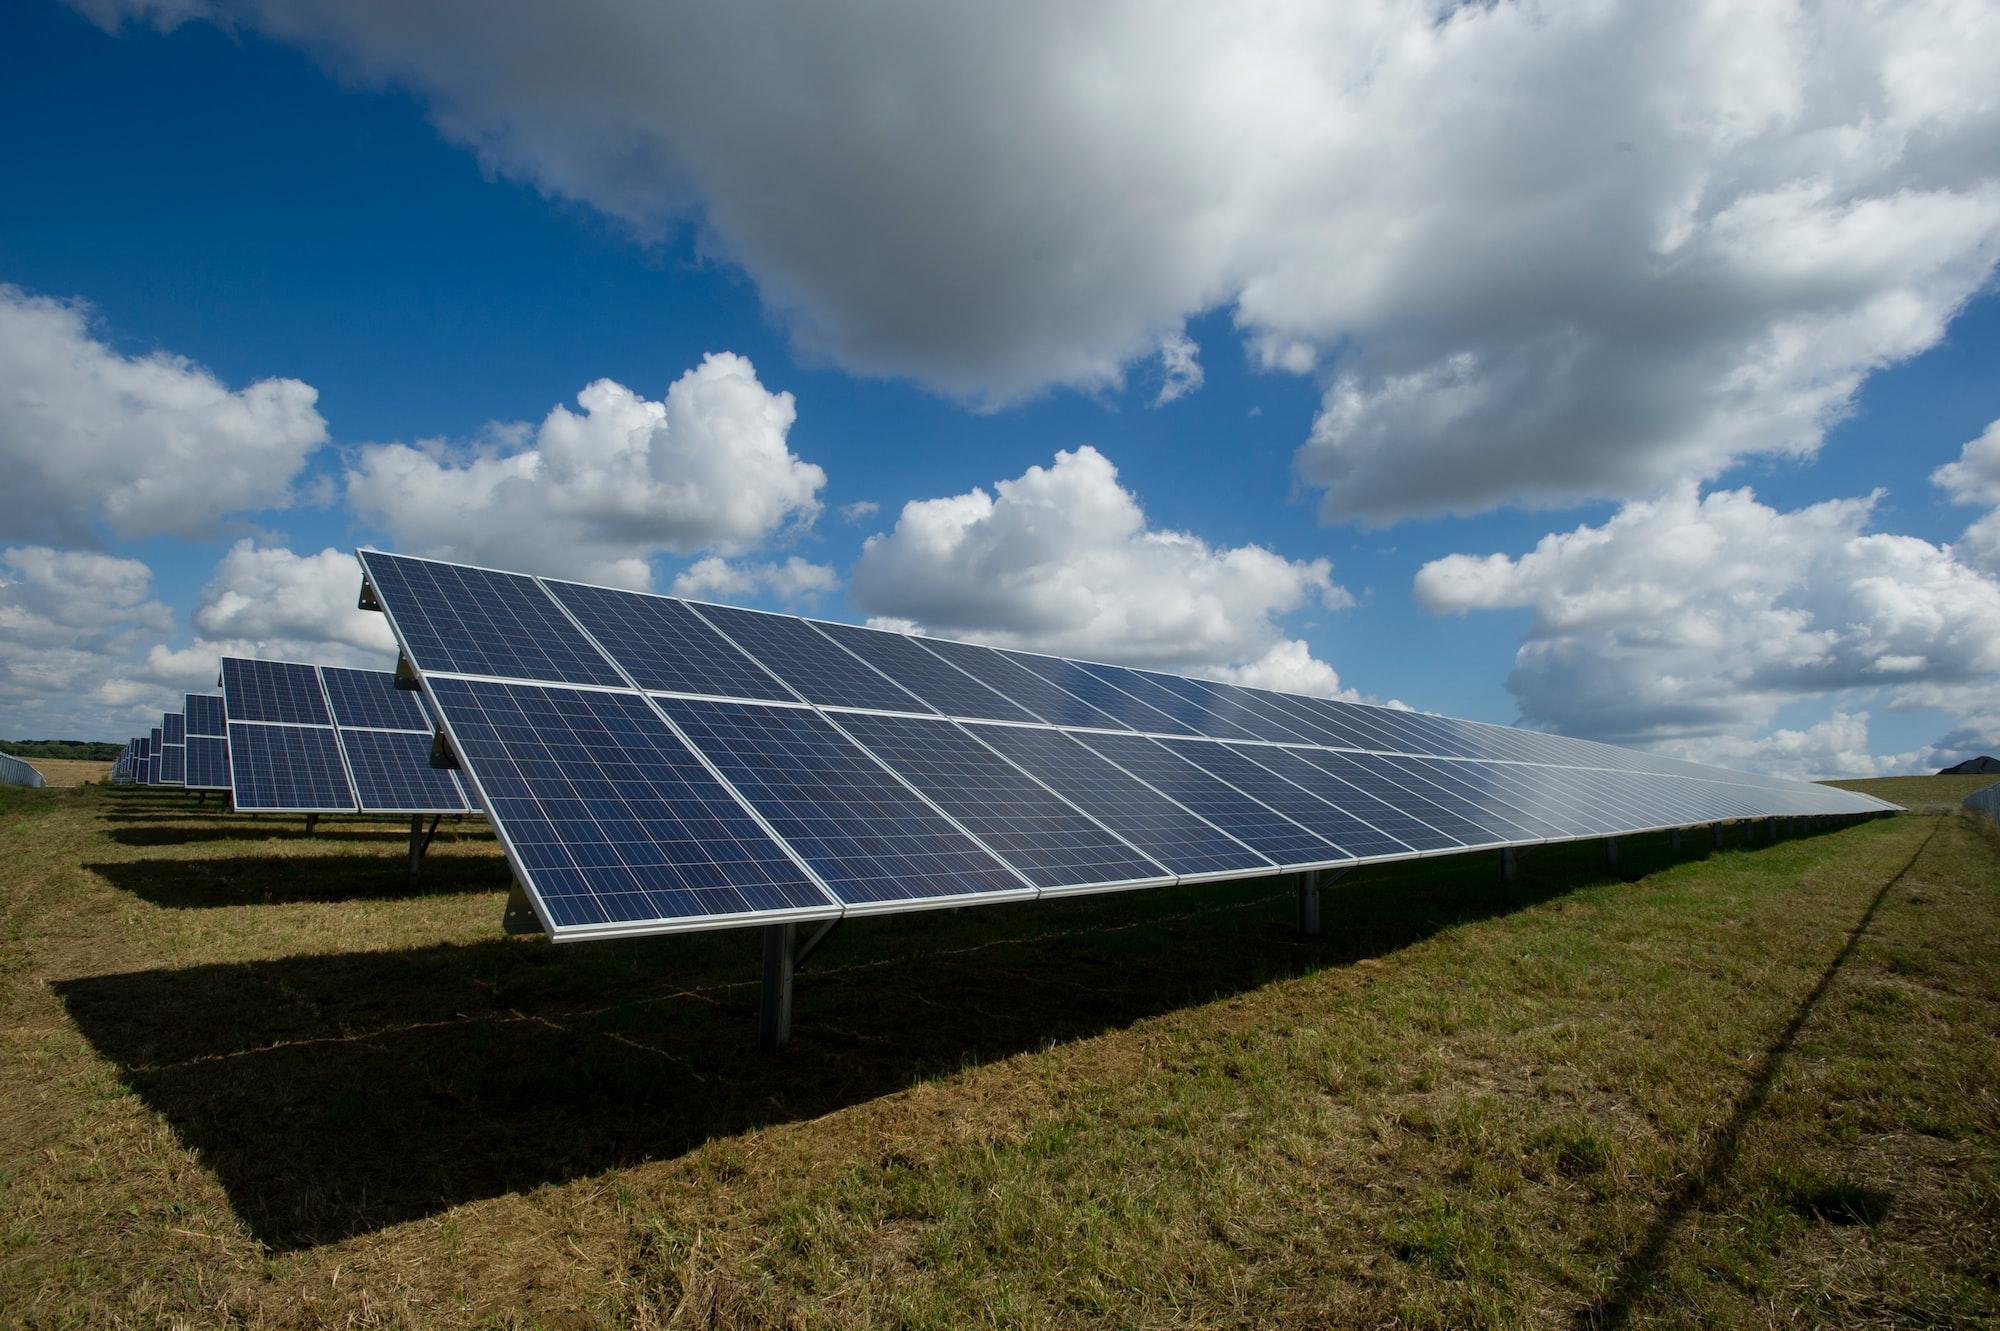 La energía que dominará el mundo en 2040